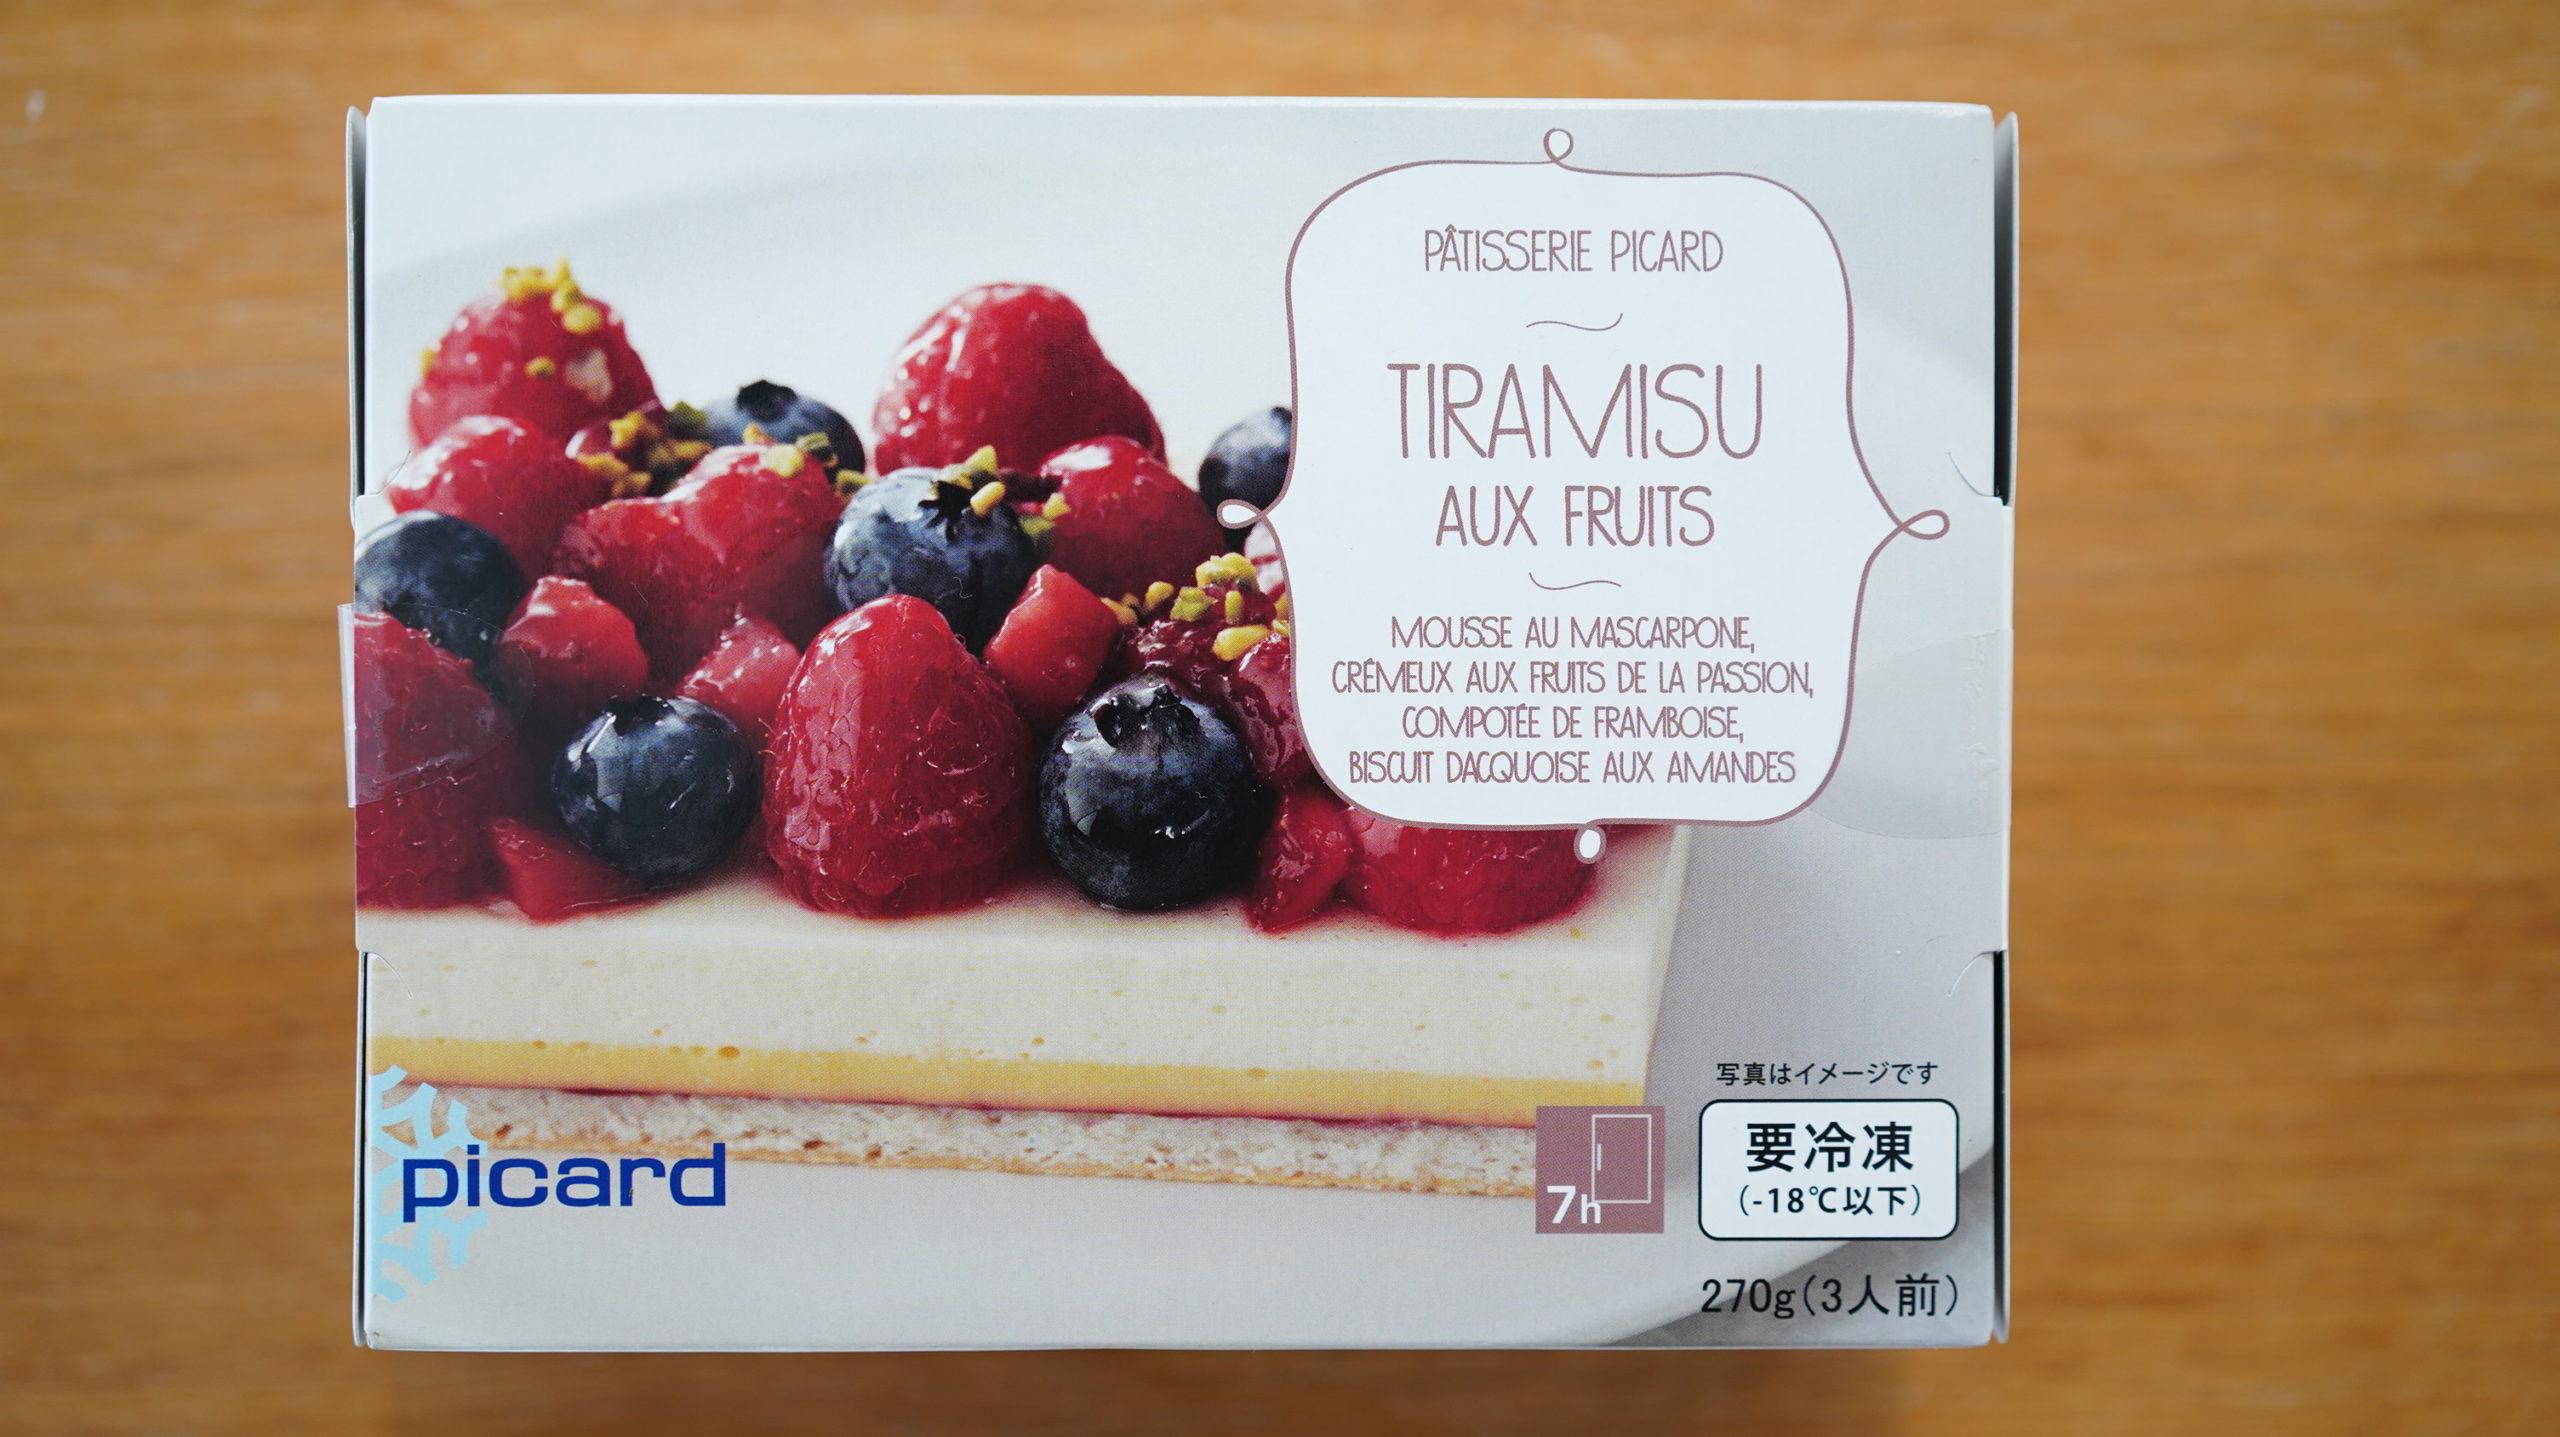 ピカールのおすすめ冷凍食品「フルーツティラミス」のパッケージ写真